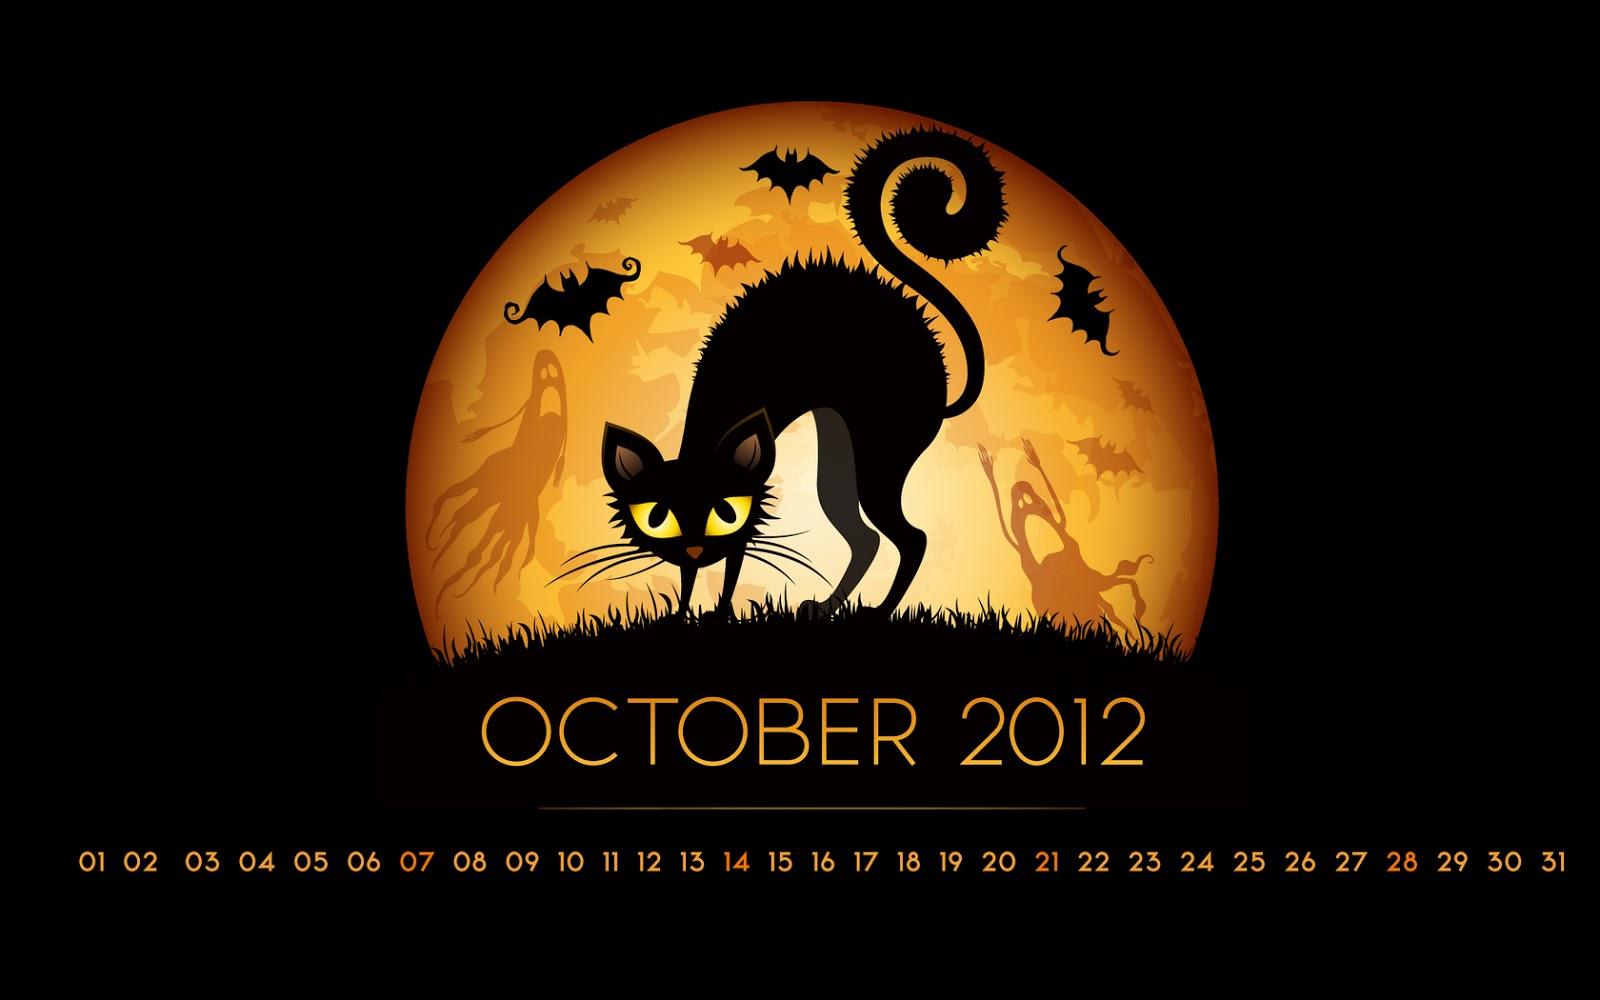 http://4.bp.blogspot.com/-XdwwOV4CP1U/UHz65jy5thI/AAAAAAAAHdQ/yu7TyA8dEWE/s1600/Halloween+Computer+Wallpaper+001.jpg